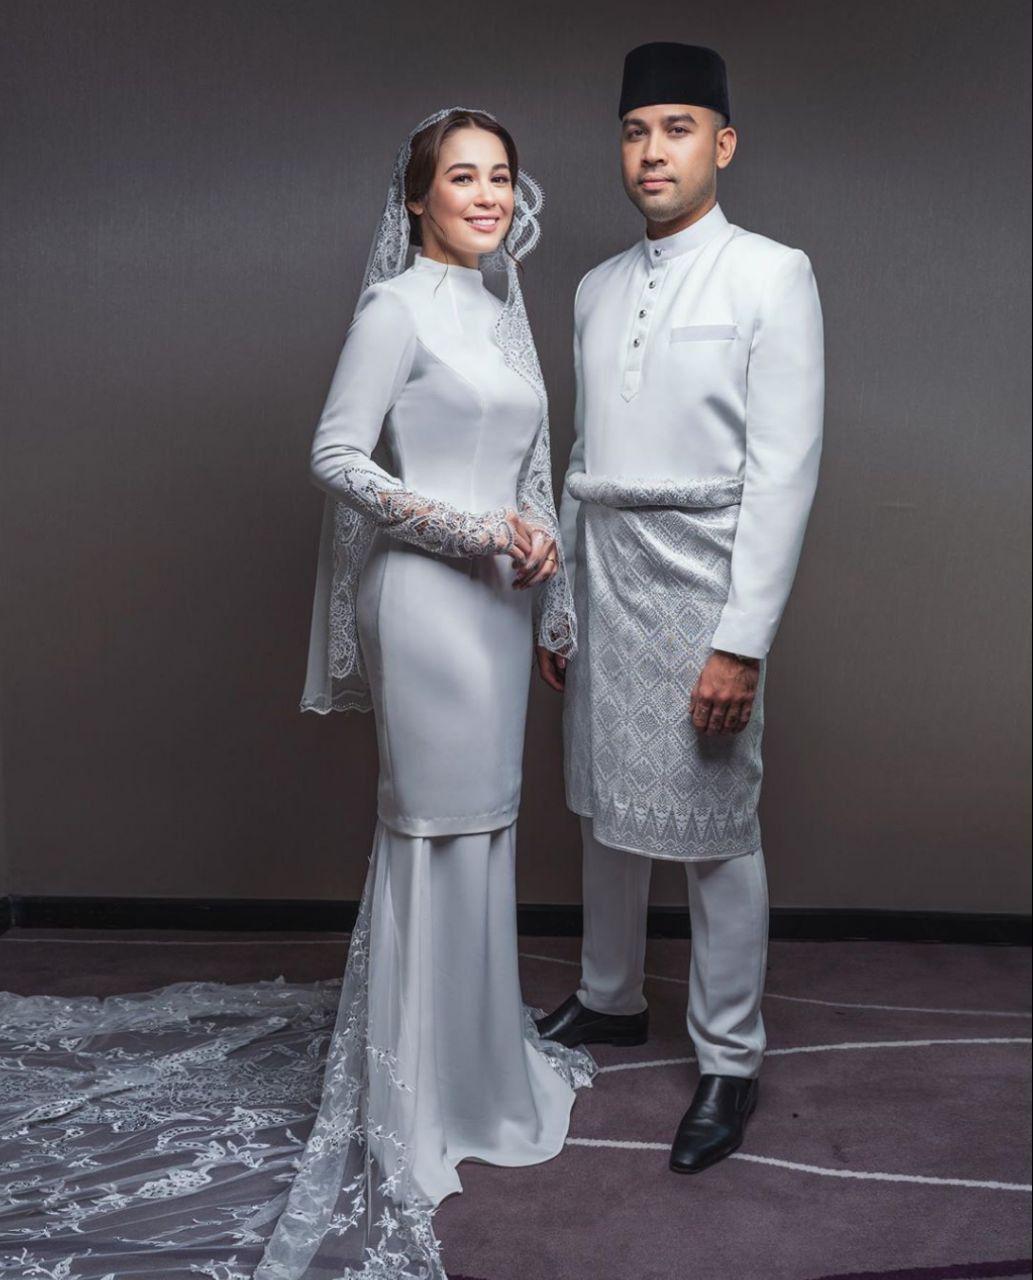 Baju nikah emma maembong in 11  Nikah dress, Nikah outfit, Baju